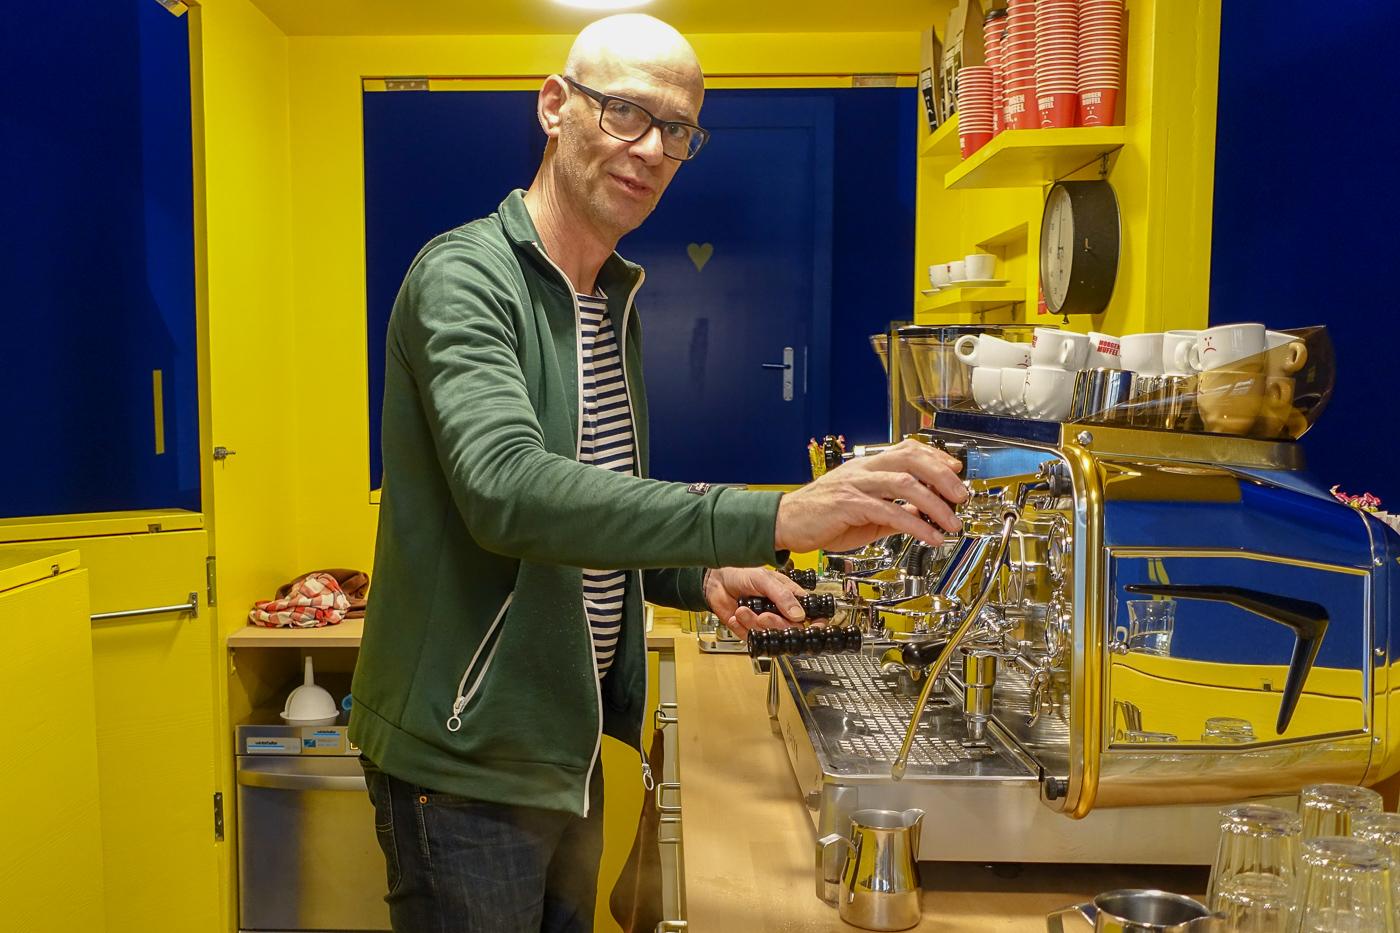 Einfach guten Kaffee, mehr nicht: Stefan Blättler in seinem Lokal «Morgenmuffel».